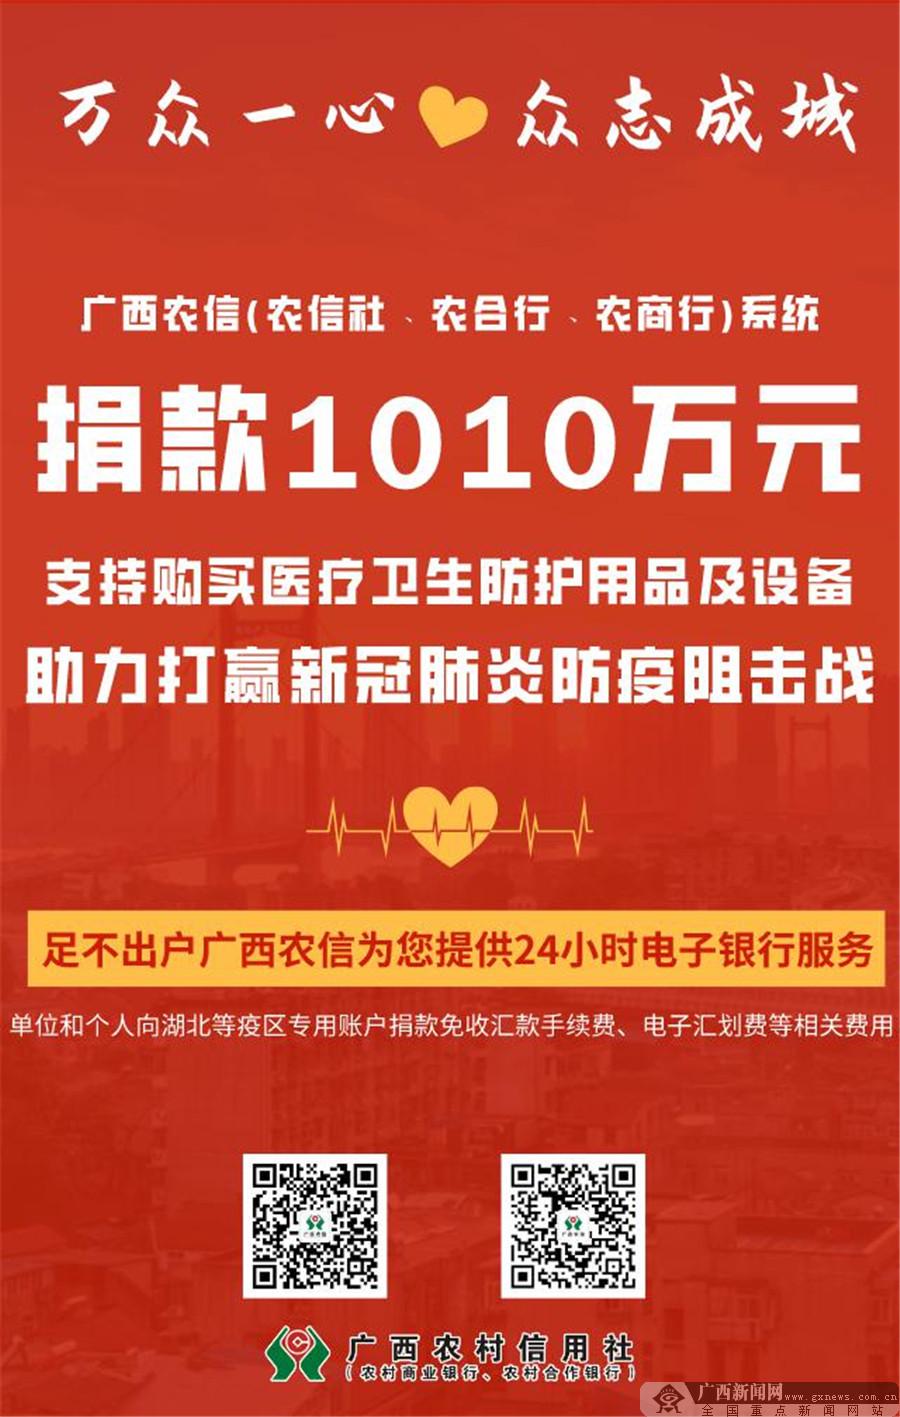 广西农信系统捐款1010万助力打赢